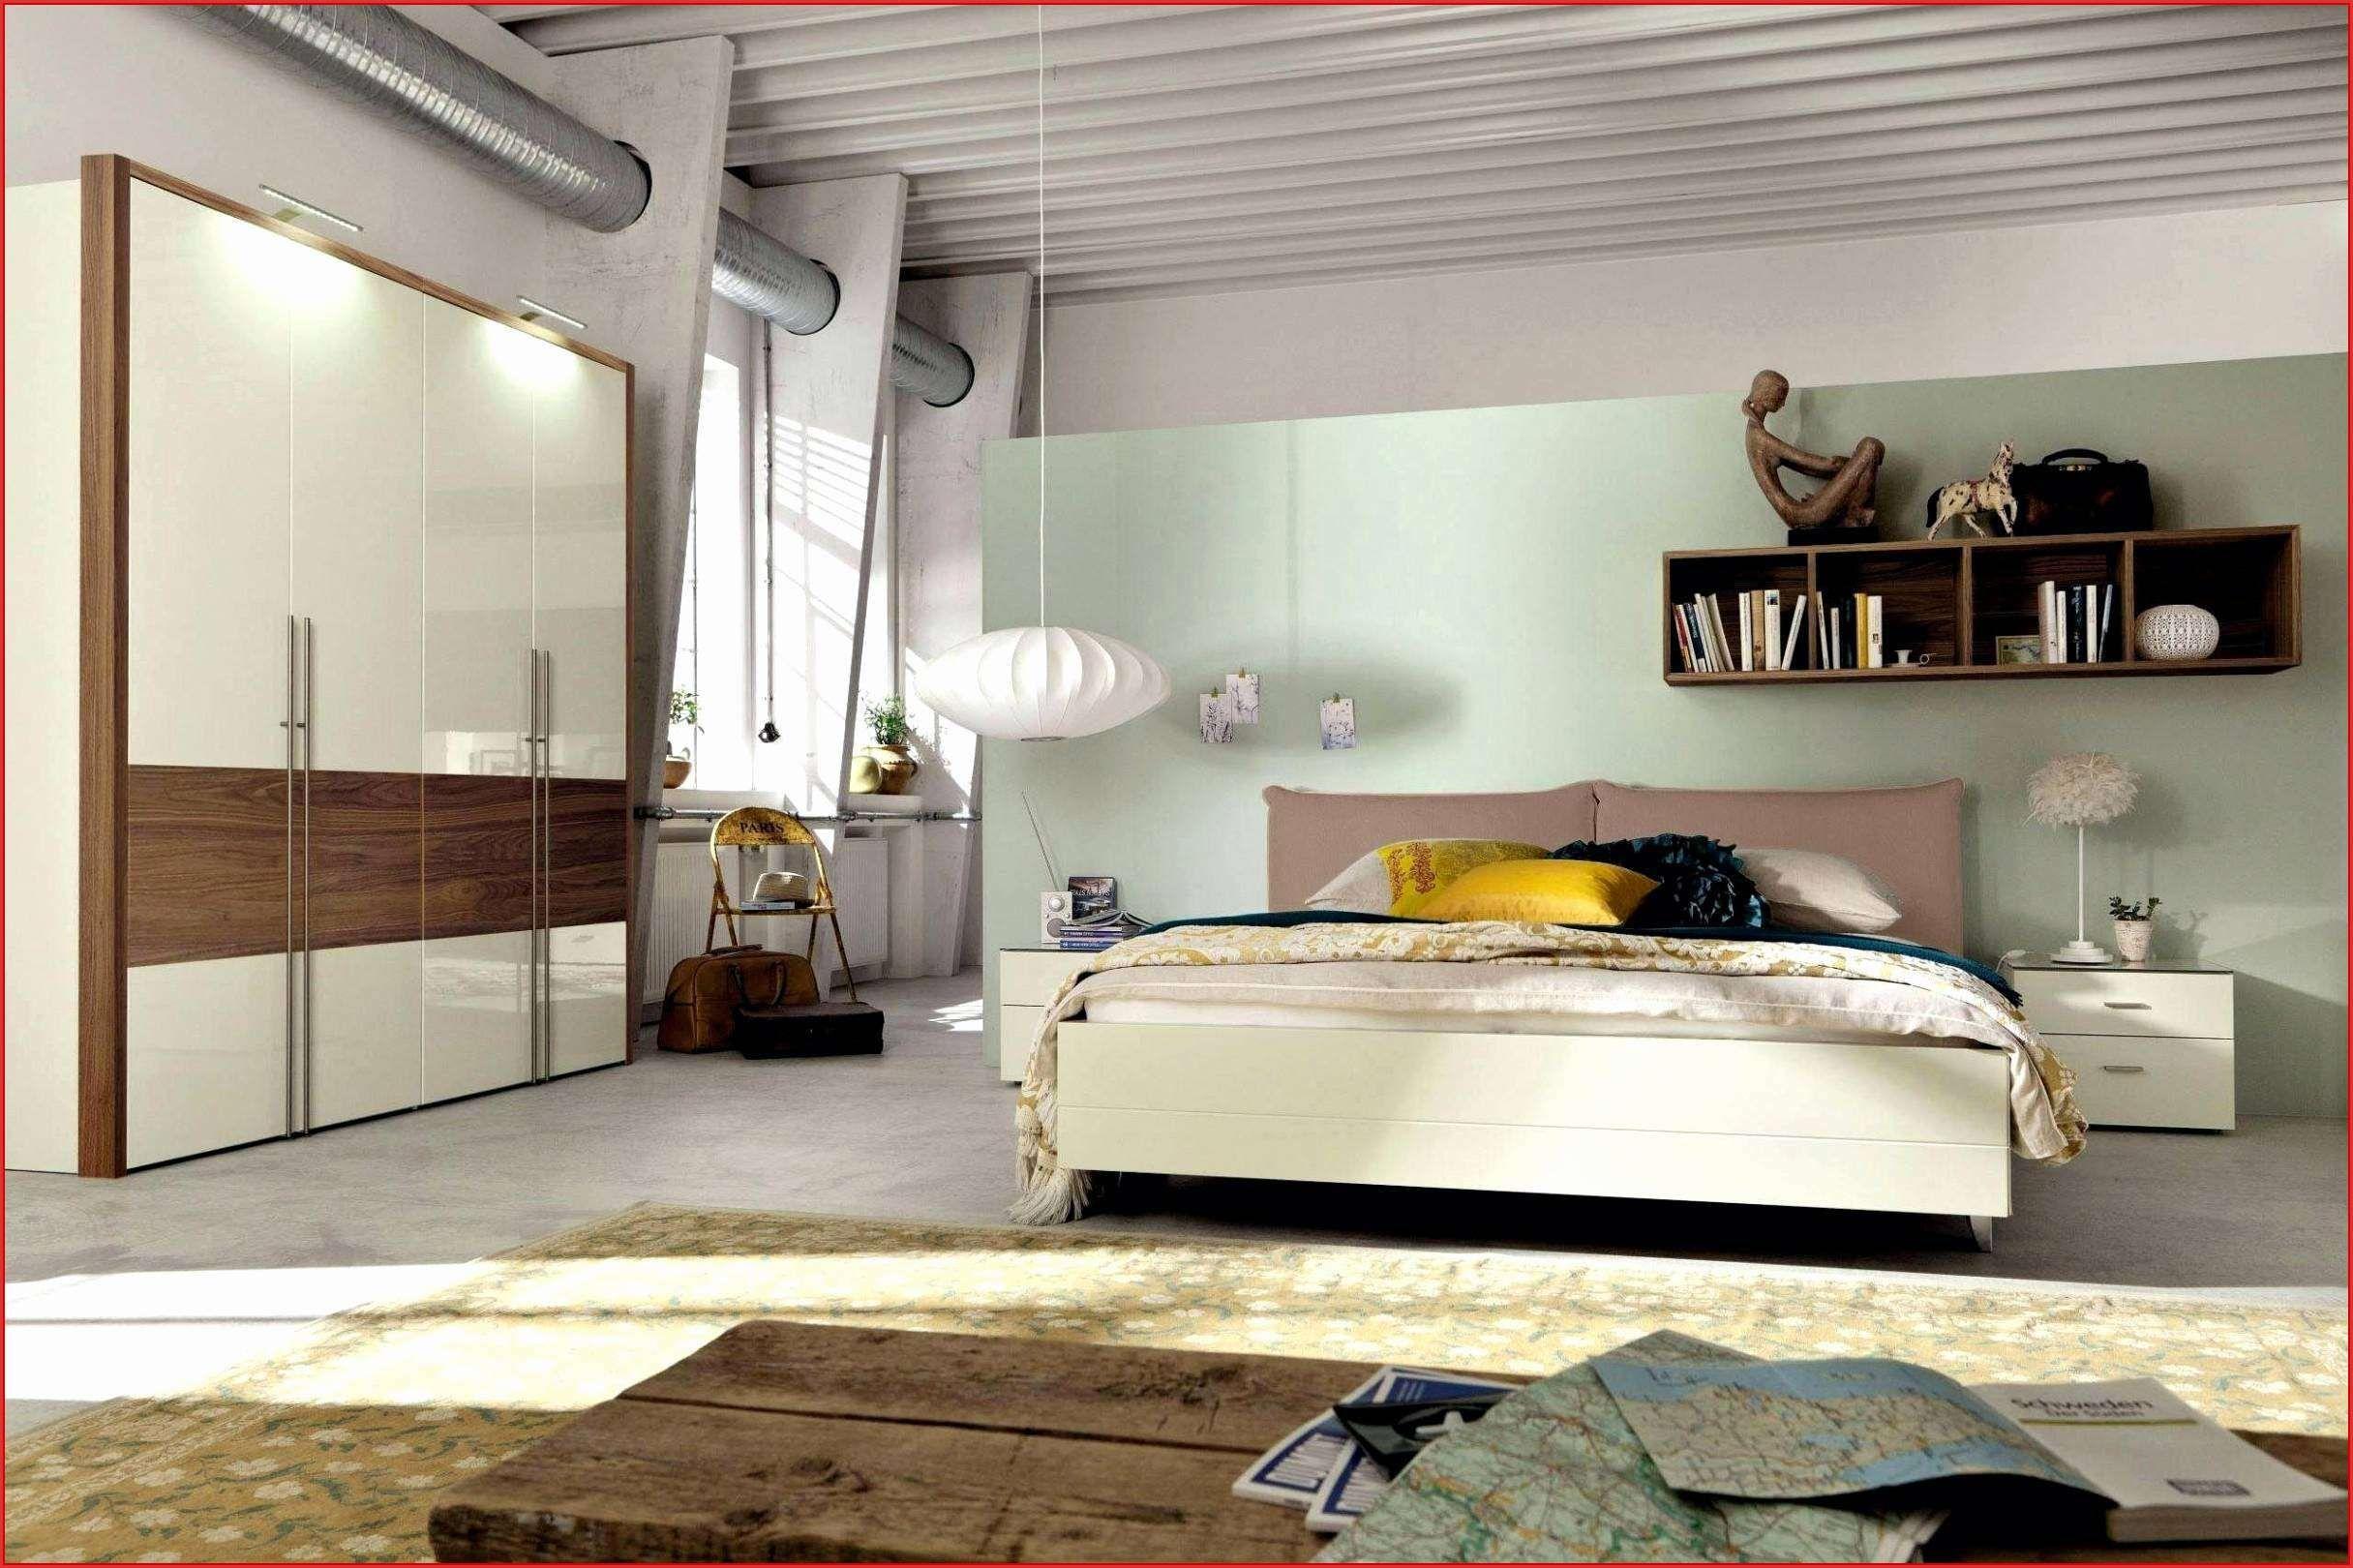 Kopfteil Bett 180 Cm Bett Nussbaum 180x200 Einzigartig Bett Nussbaum Unique Kopfteil Bett Home Cool House Designs Furniture